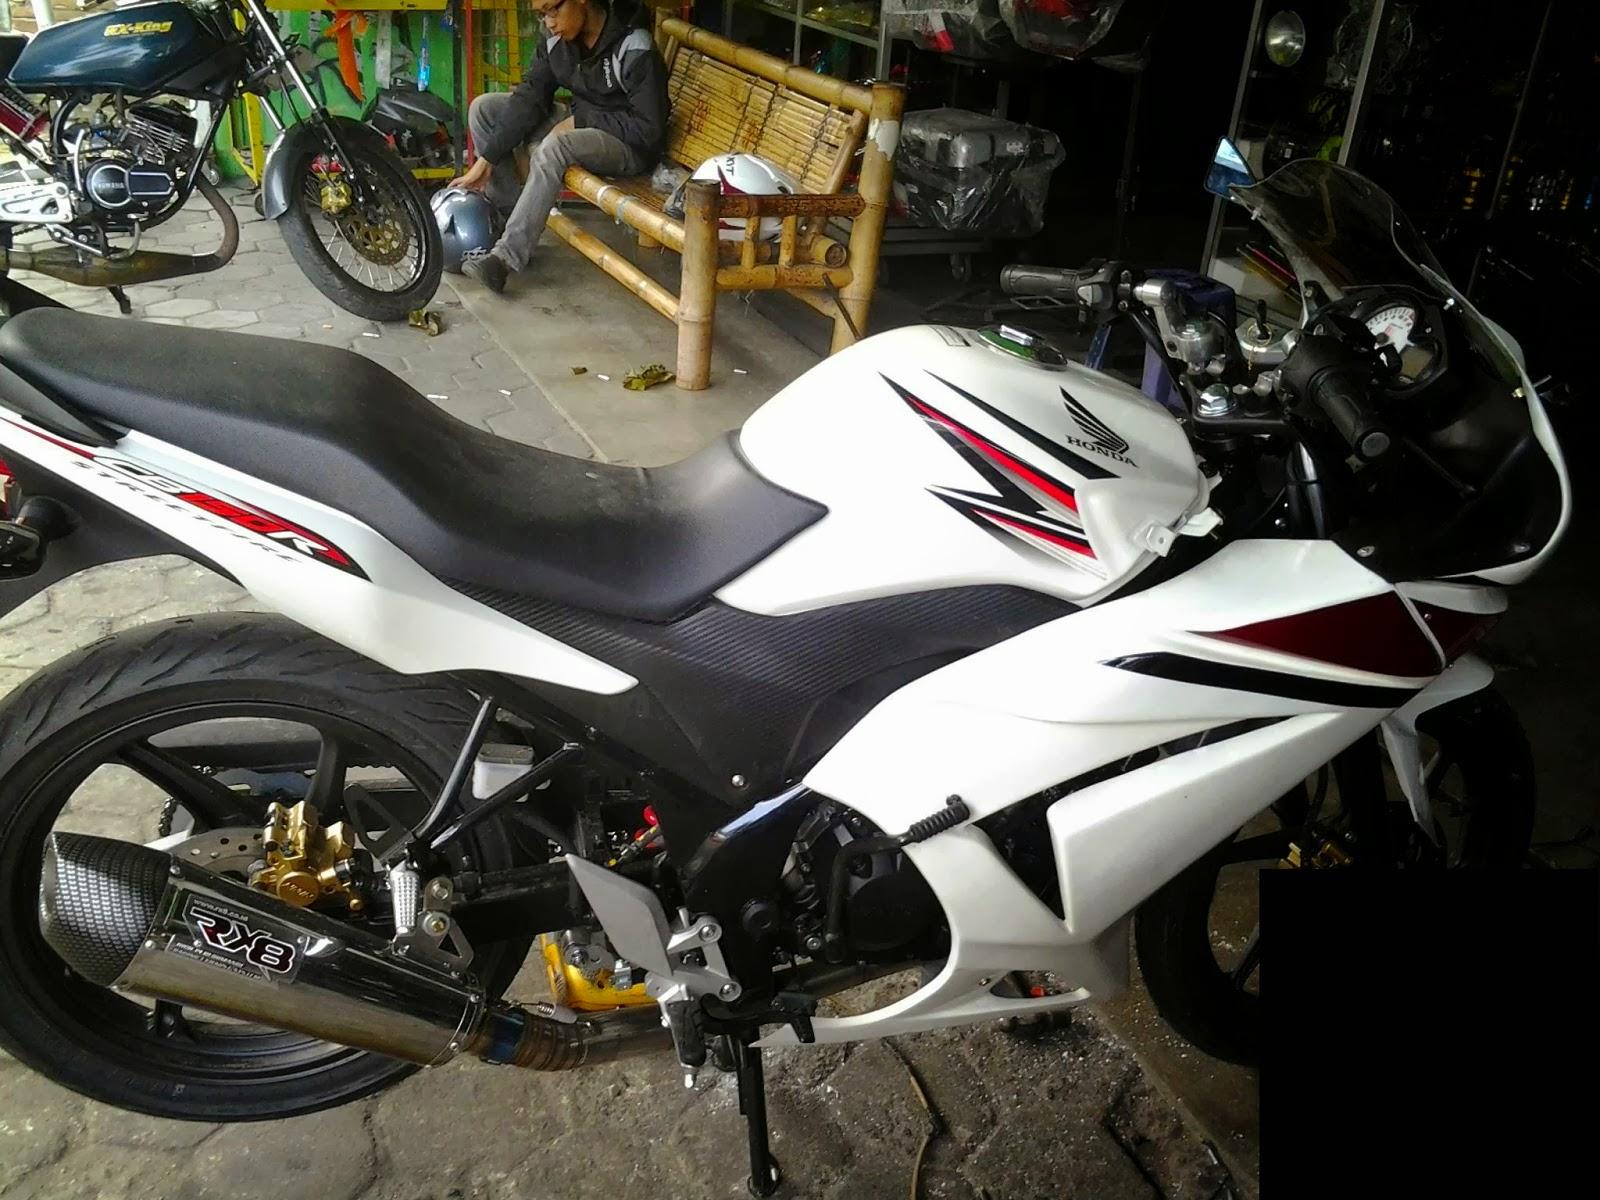 Koleksi Gambar Sepeda Motor Verza Terbaru Codot Modifikasi